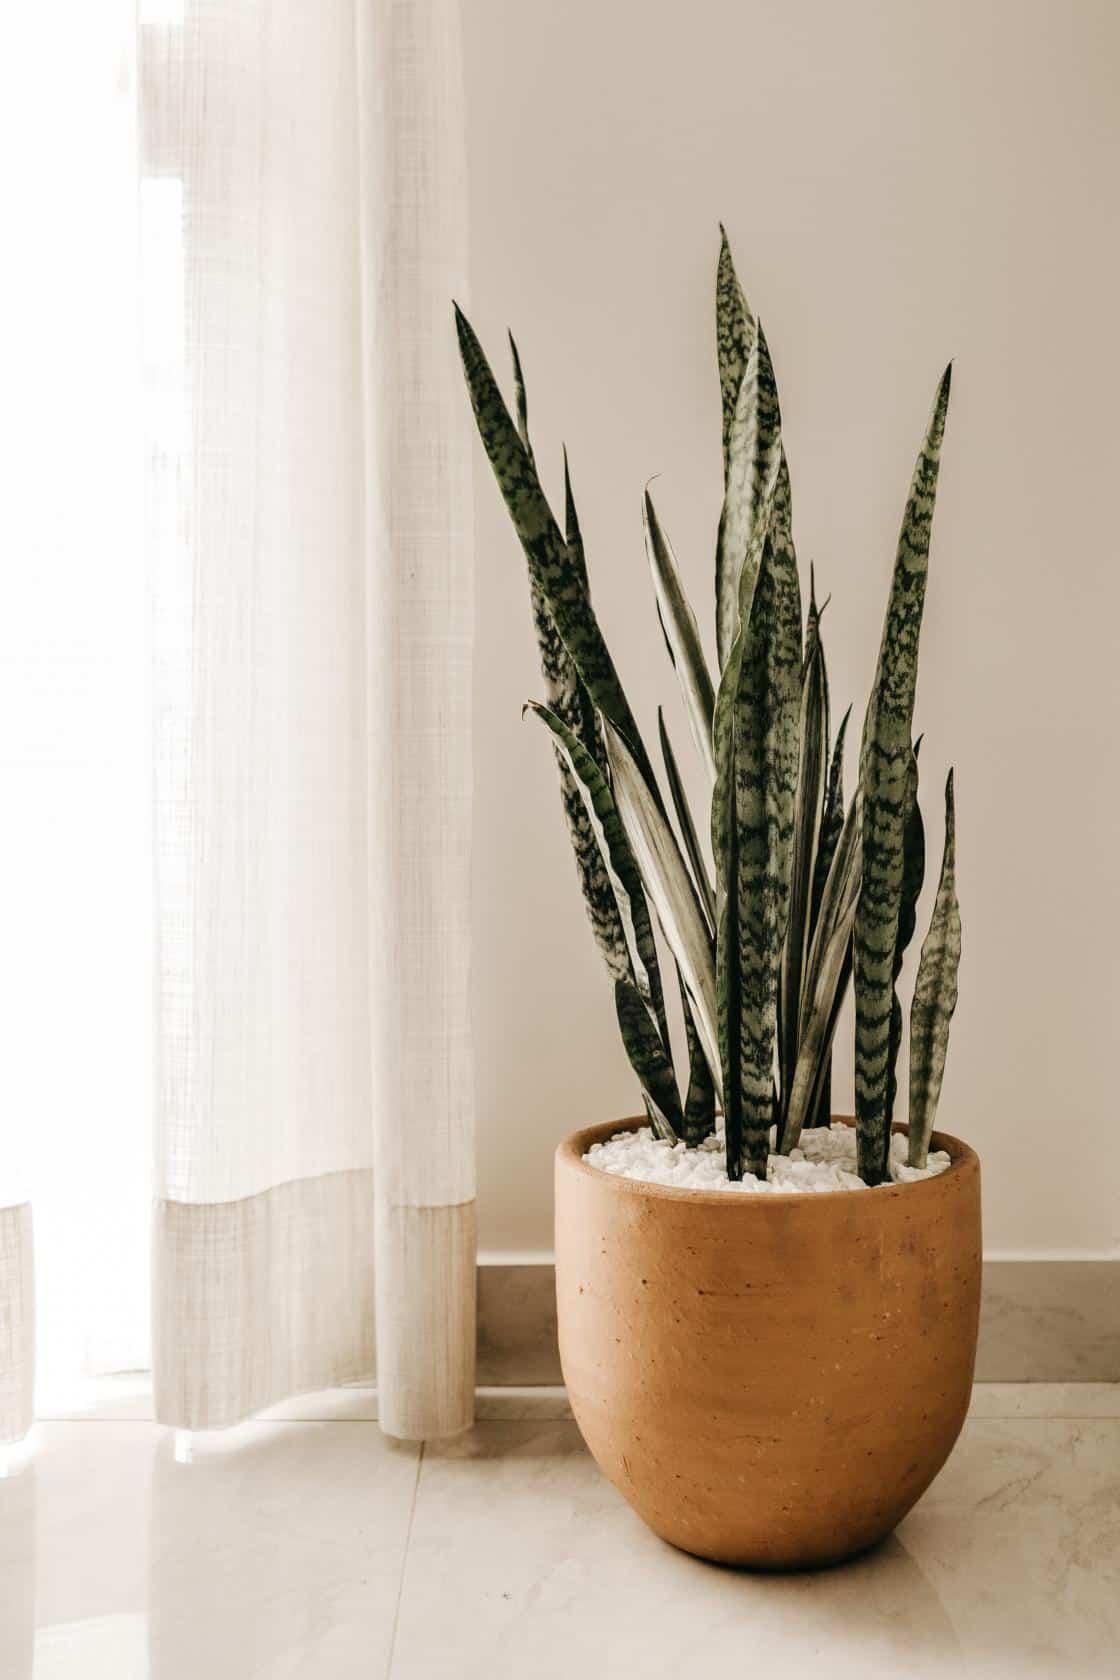 Porqué es tan importante tener esta planta en tu hogar u oficina